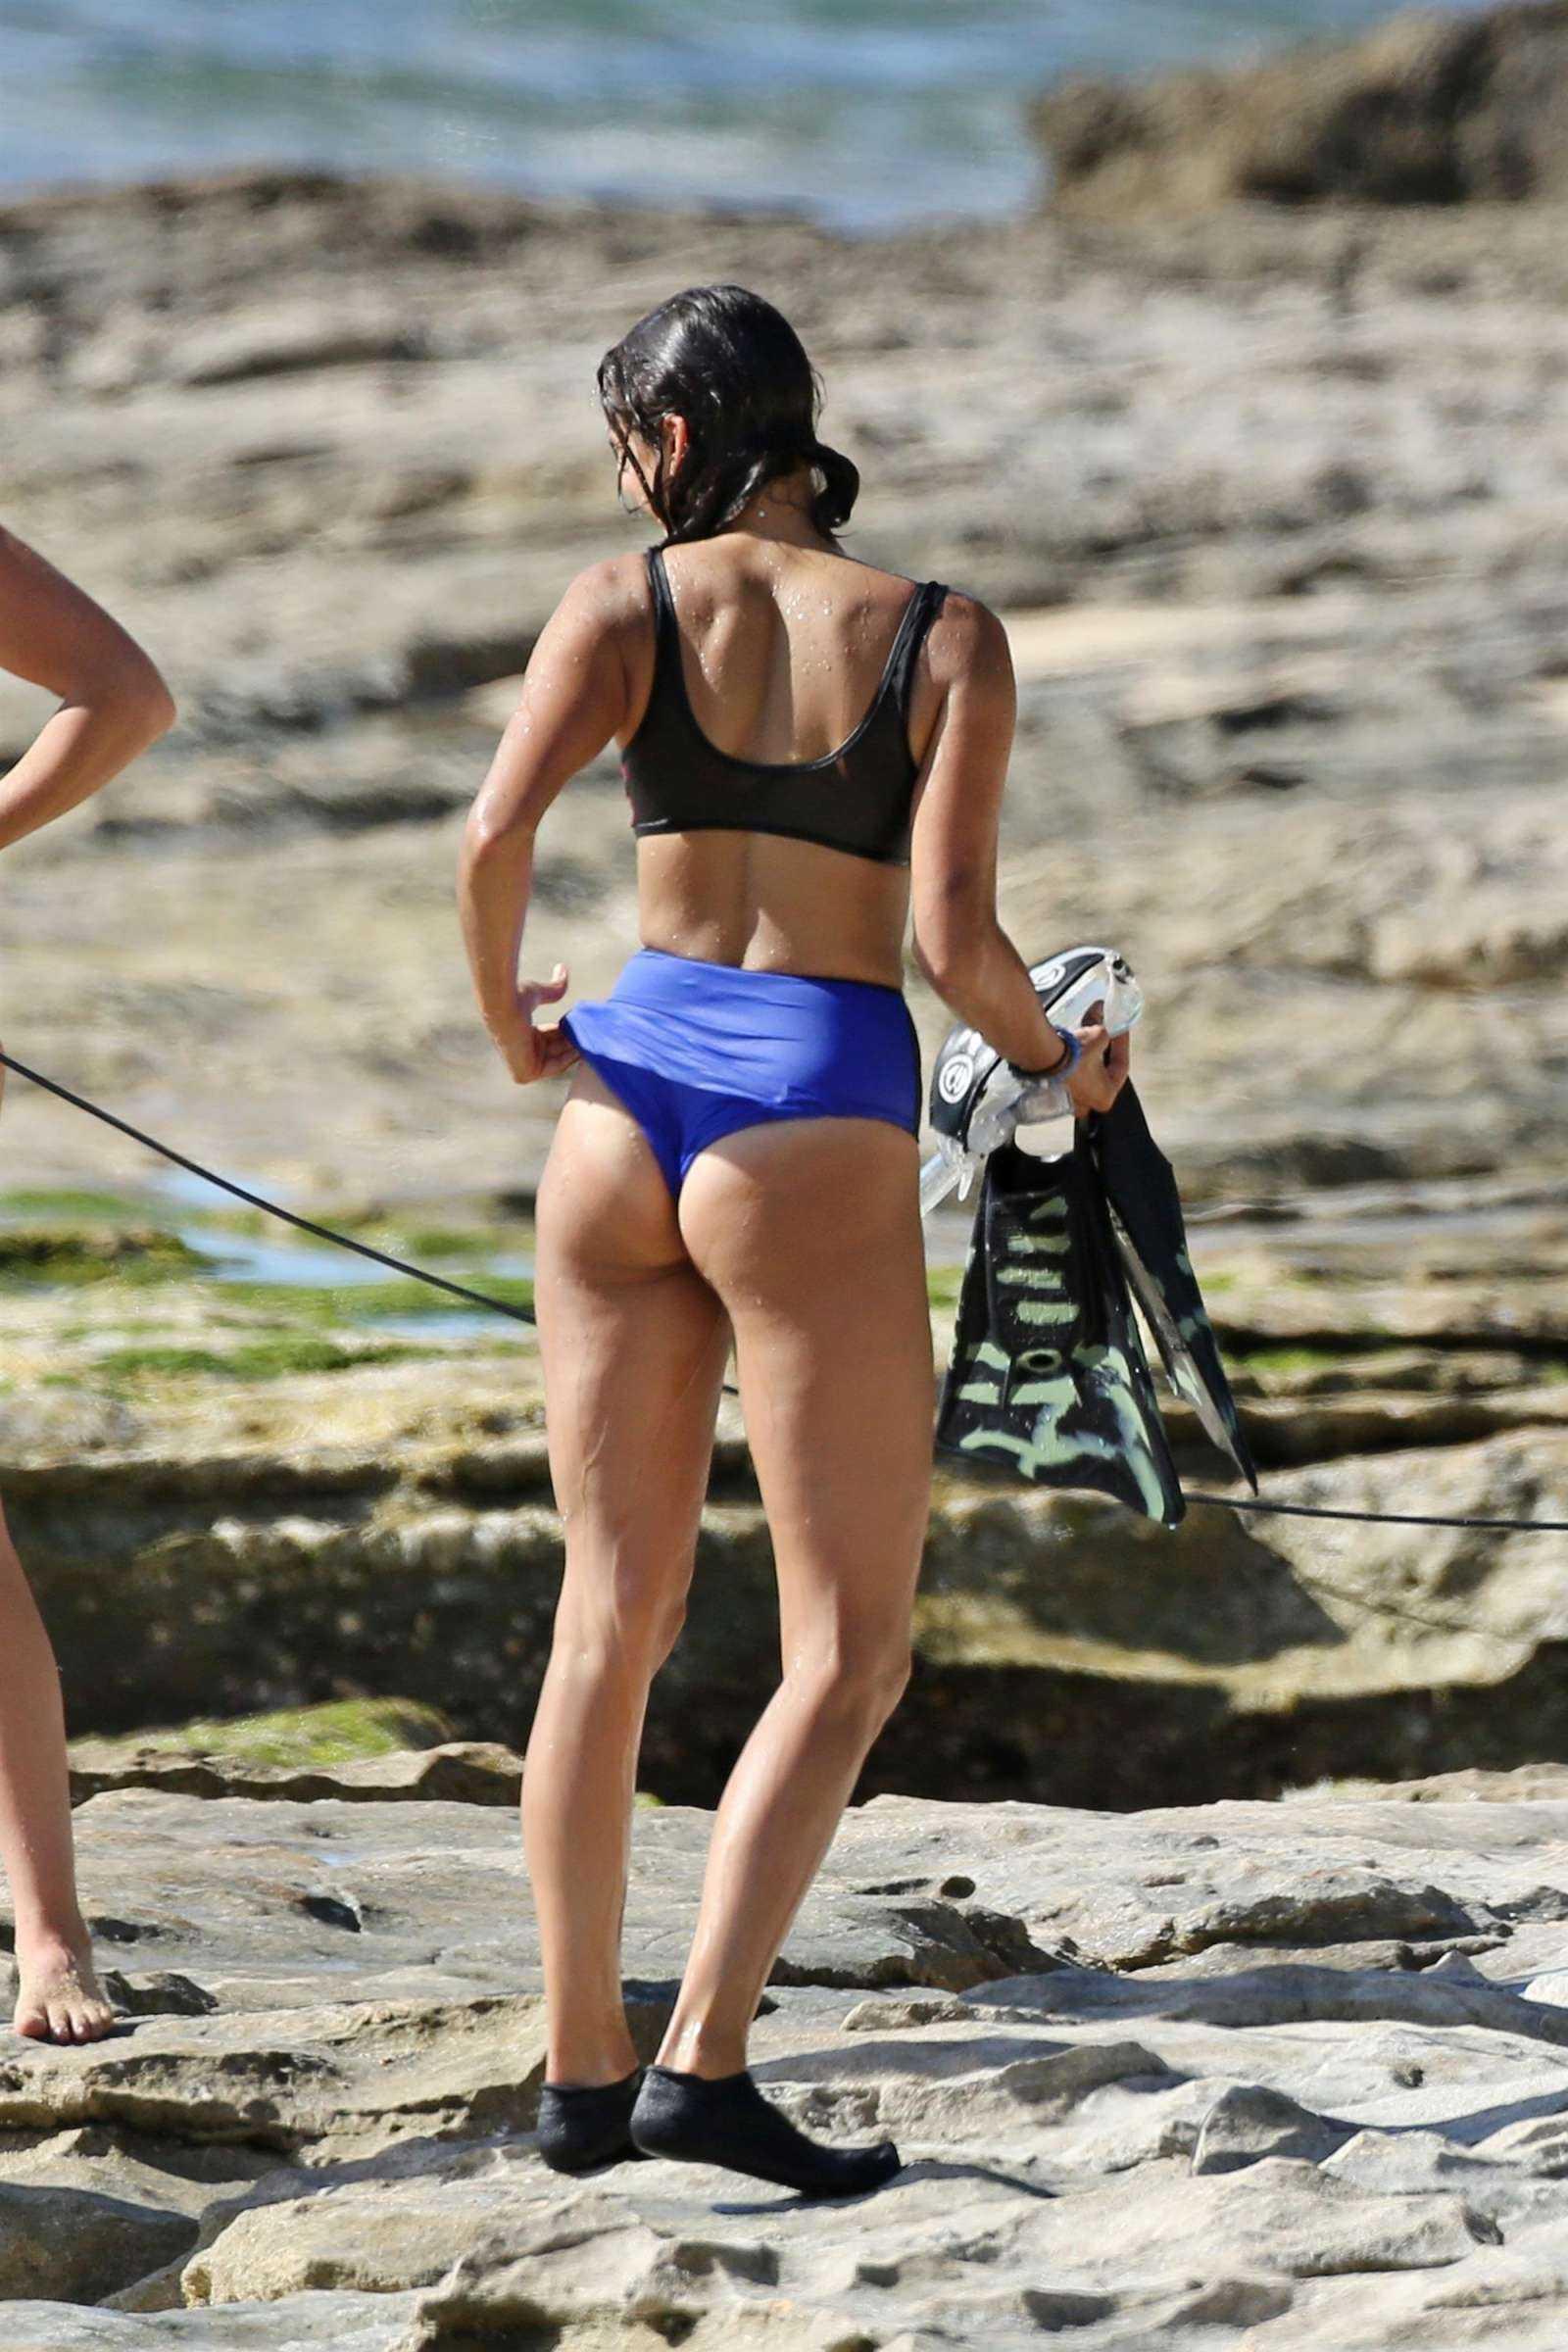 best of Bikini pics dobrev Nina